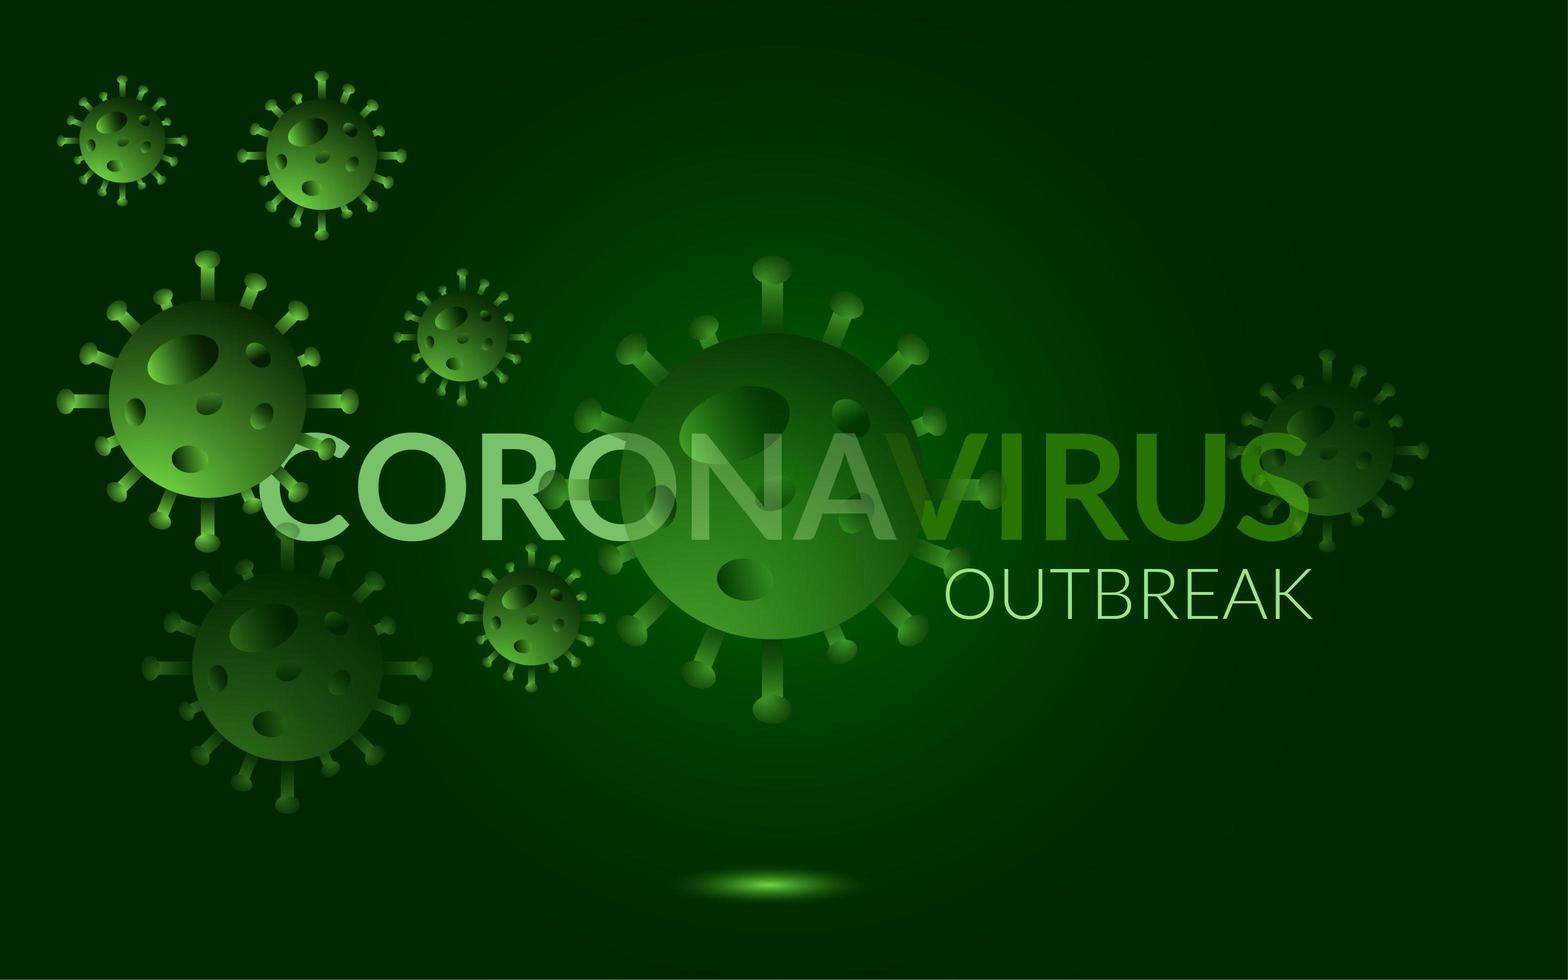 affiche verte de flambée de coronavirus vecteur